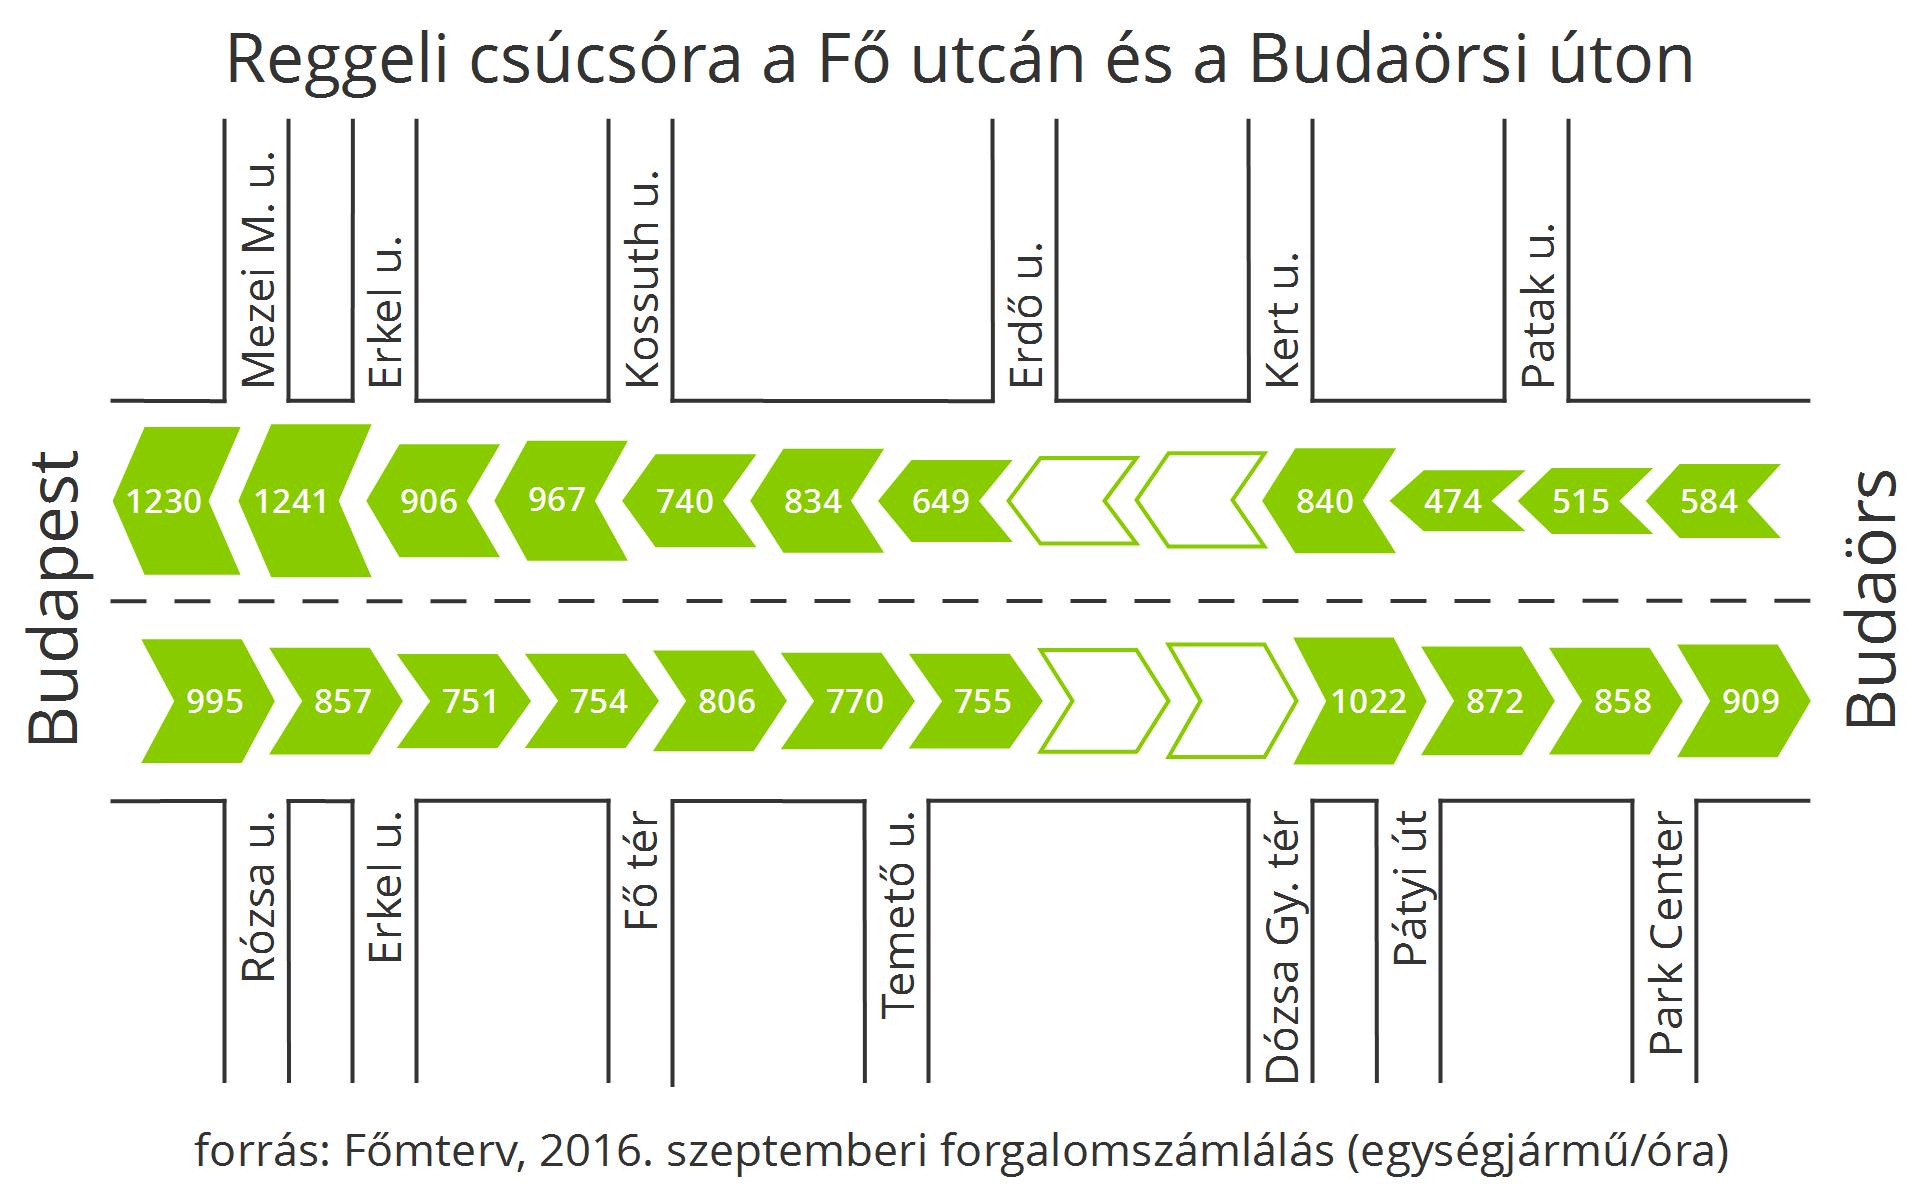 A reggeli csúcsórában Budapest felé fokozatosan telik meg a Fő utca, a Buda felől bejövő forgalom sokkal kisebb mértékben változik a különböző szakaszokon.